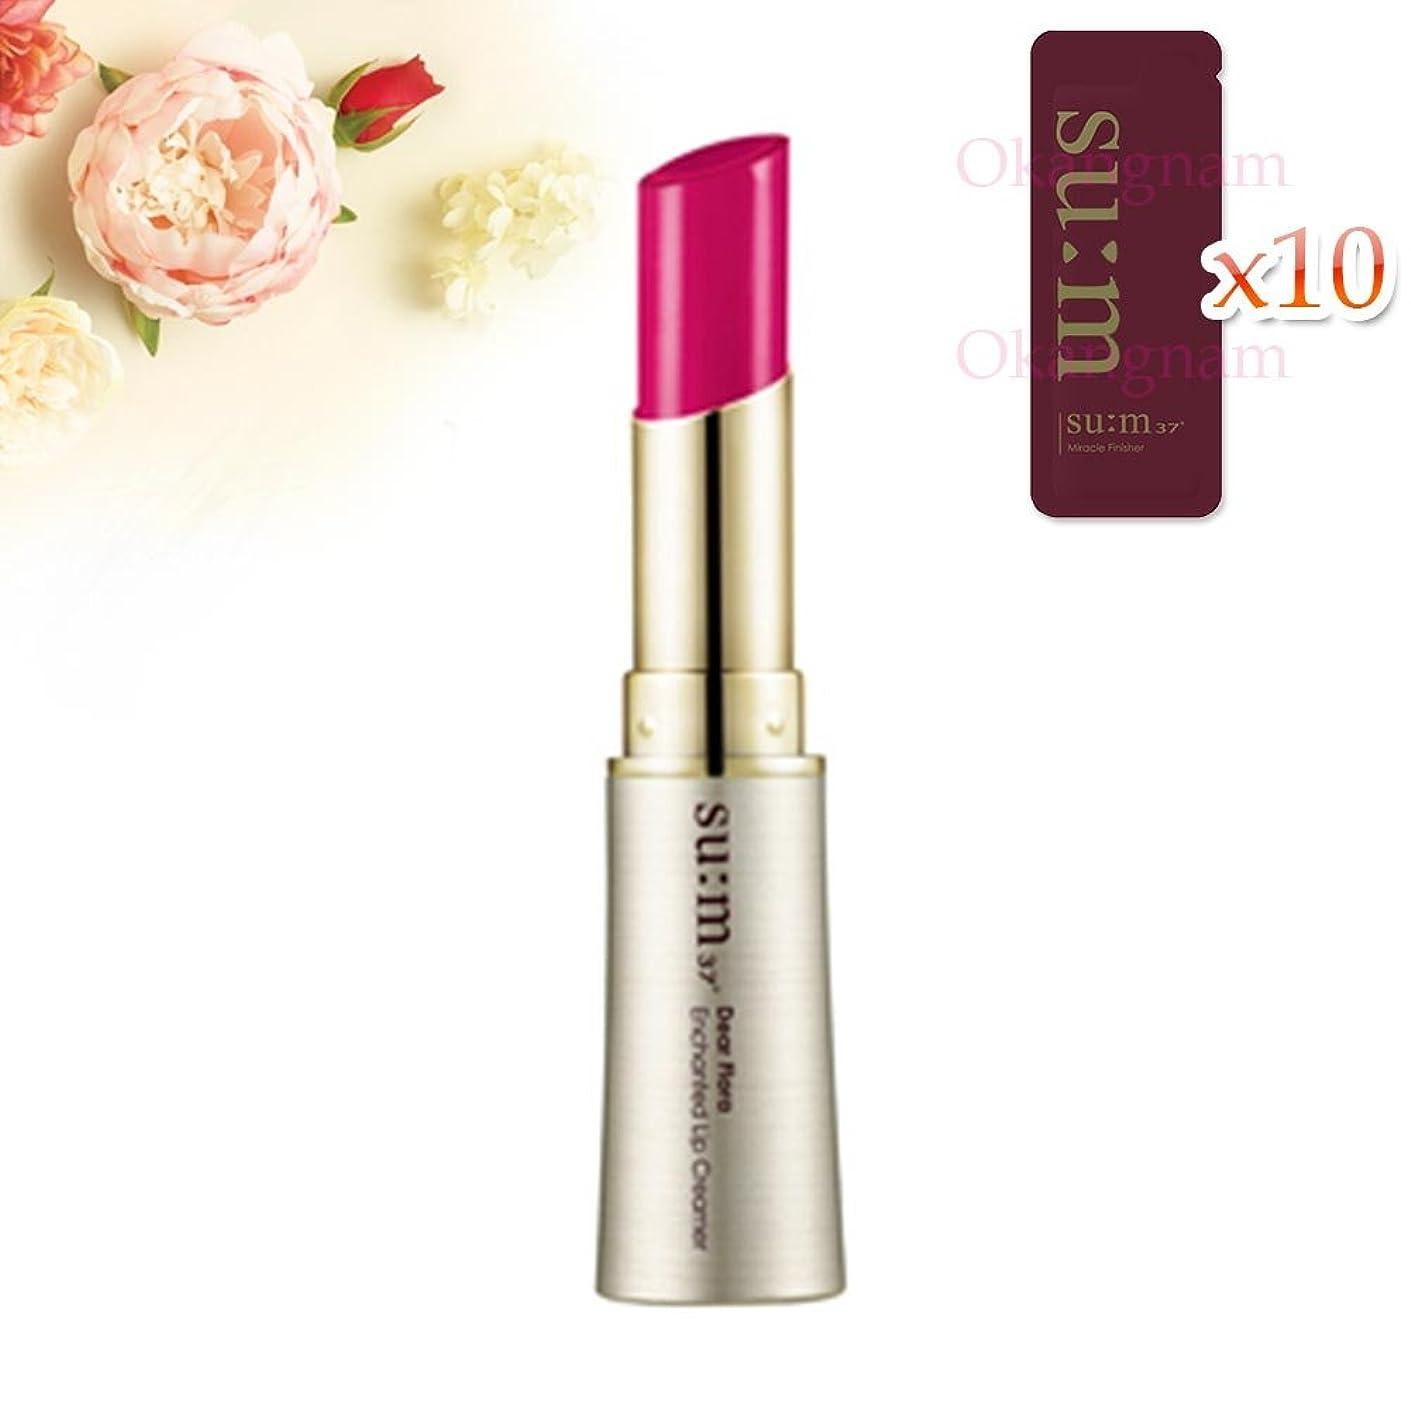 火炎間鰐[su:m37/スム37°] SUM37 Dear Flora Enchanted Lip Creamer 06 Ranun Deep Pink/DF06 sum37 スム37 ディアフローラ エンチャンテッド リップクリーマー 6号 Ranun Deep Pink +[Sample Gift](海外直送品)